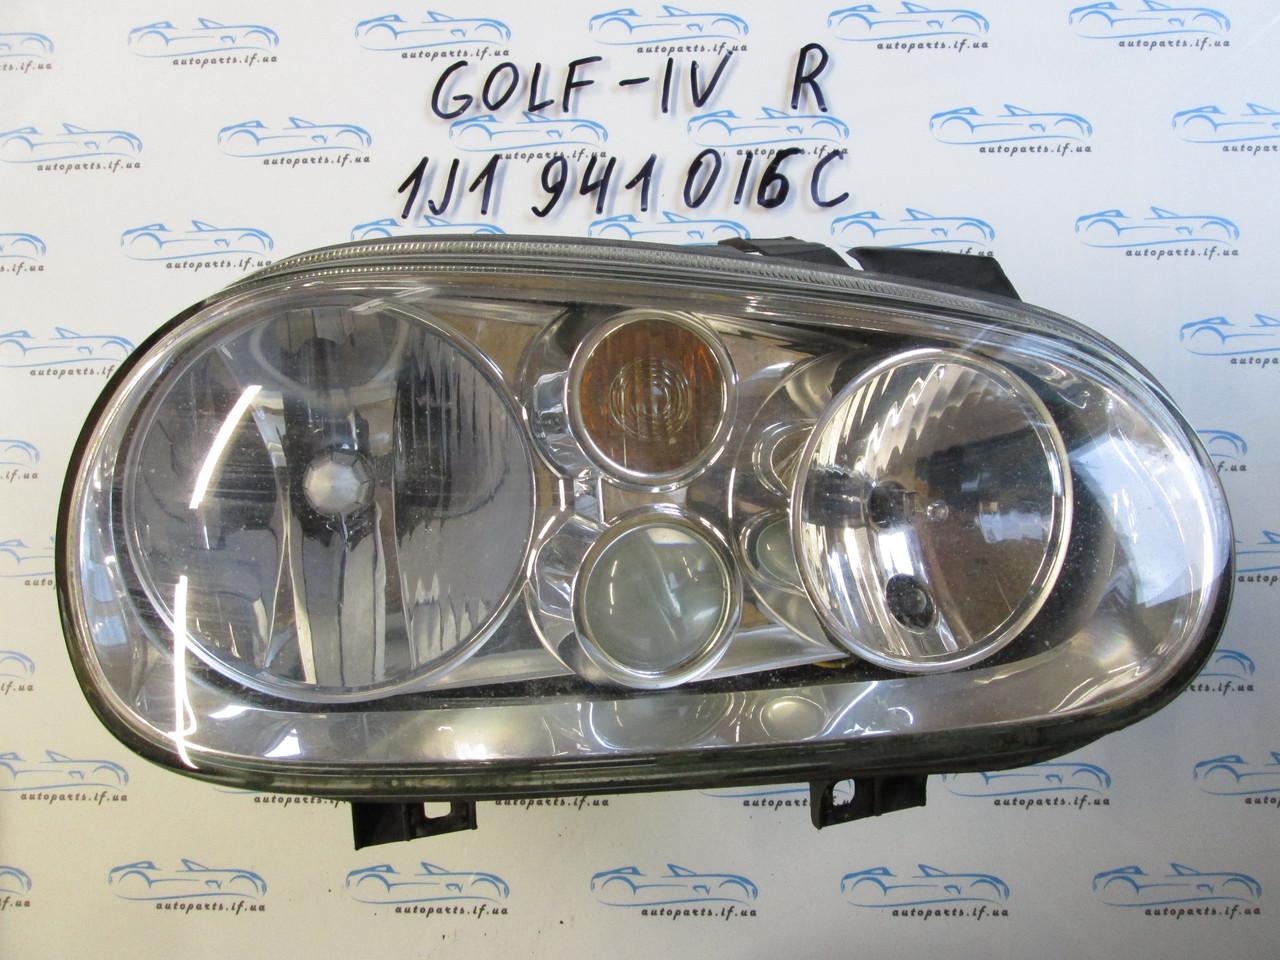 Фара правая Фольксваген Гольф 4, Golf 4 с противотуманкой 1J1941016C